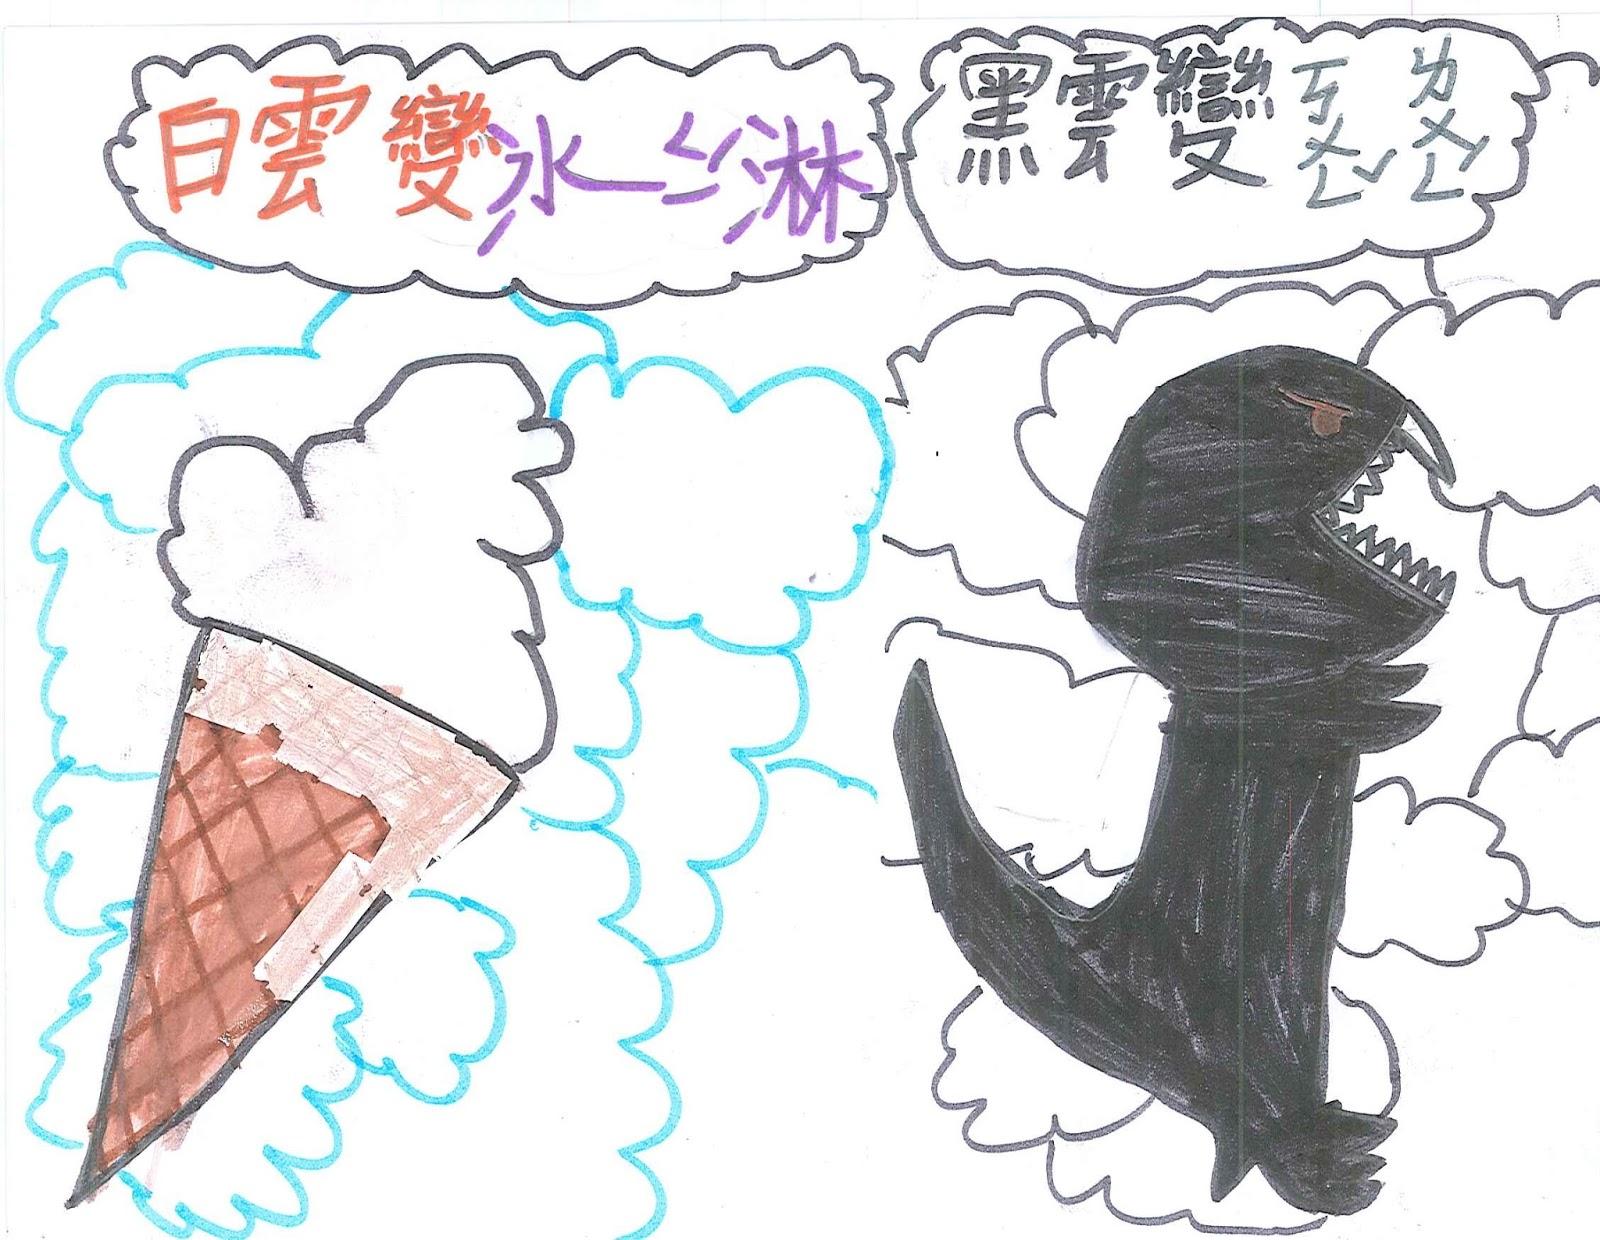 康軒一下第七課作夢的雲